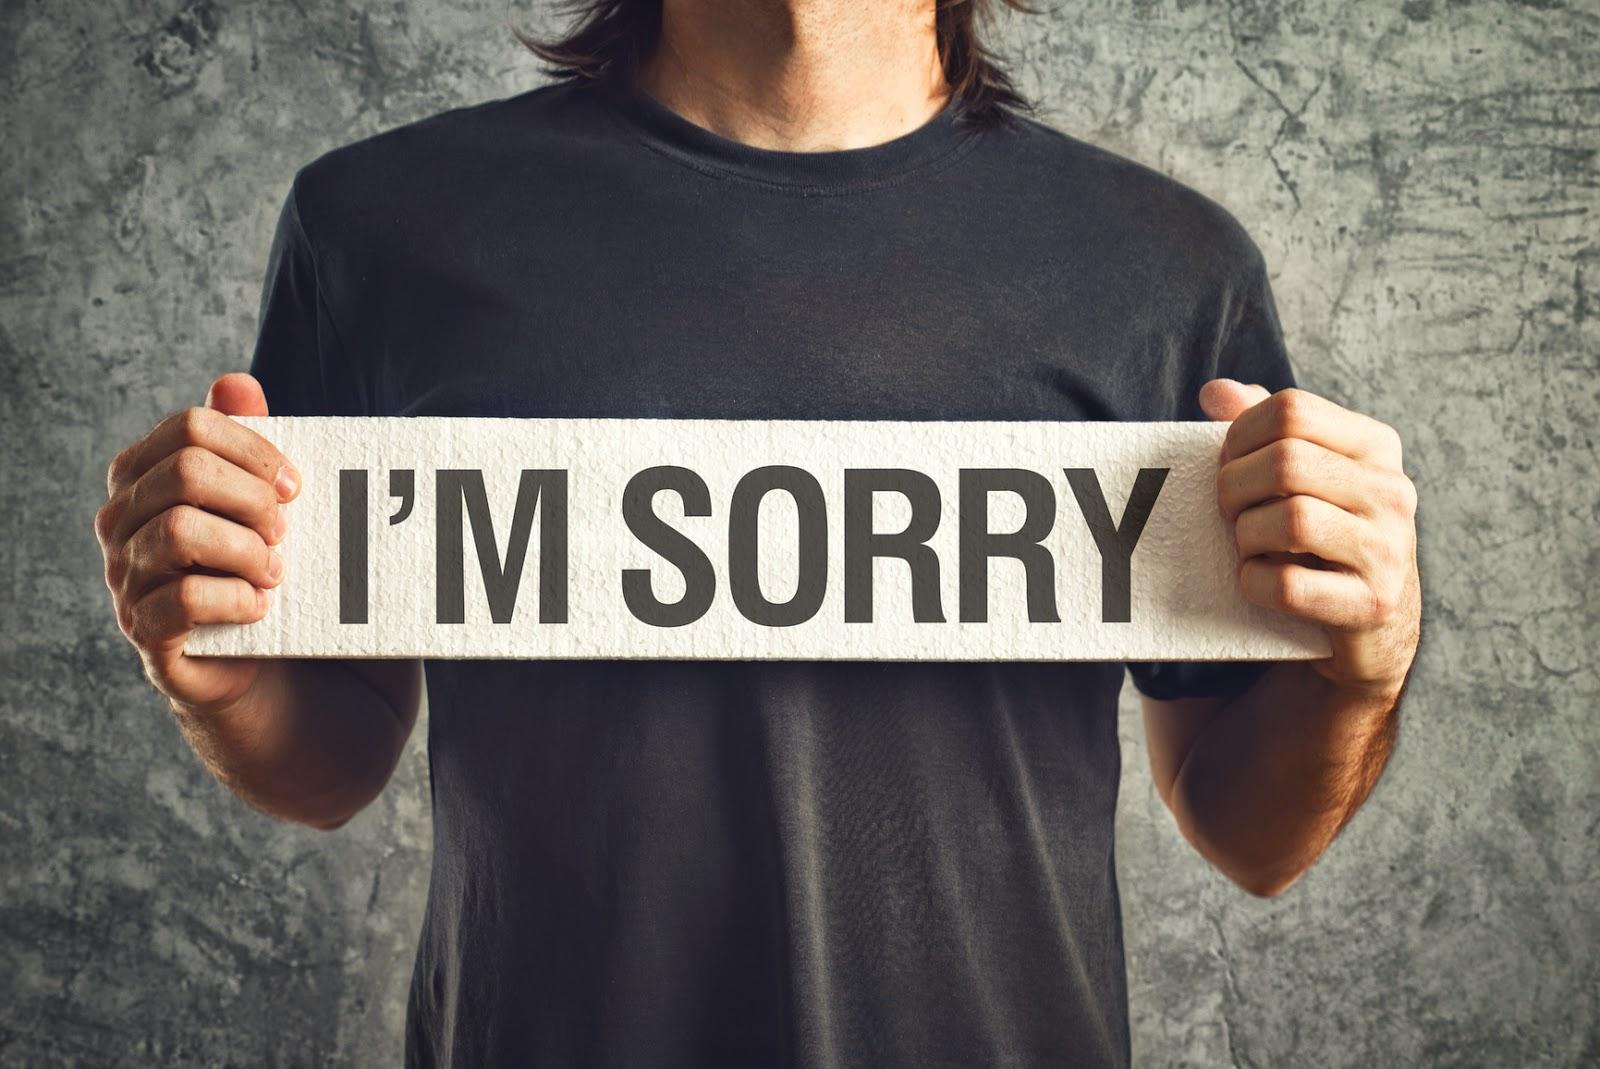 بالصور رسالة اعتذار للزوج , زوجي العزيز تقبل اعتذاري 3433 8